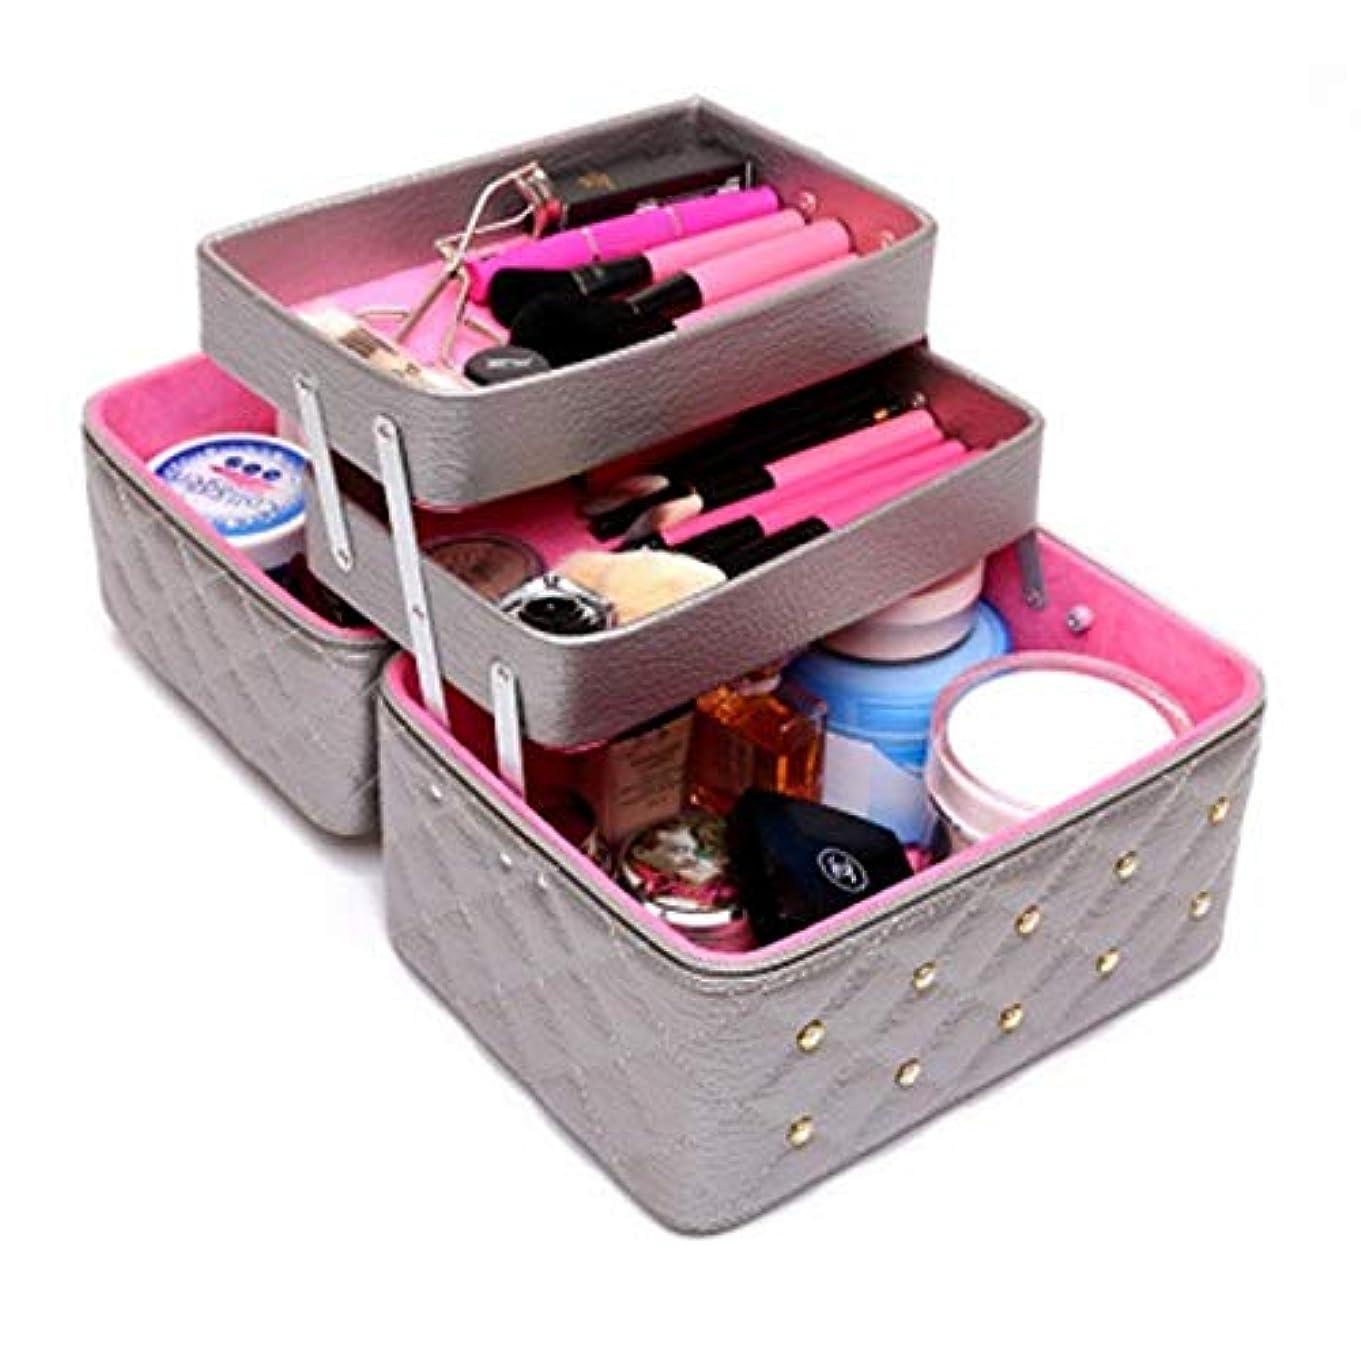 たくさん名前で読み書きのできない持ち運びできる メイクボックス 大容量 取っ手付き コスメボックス 化粧品収納ボックス 収納ケース 小物入れ (ライトグレー)